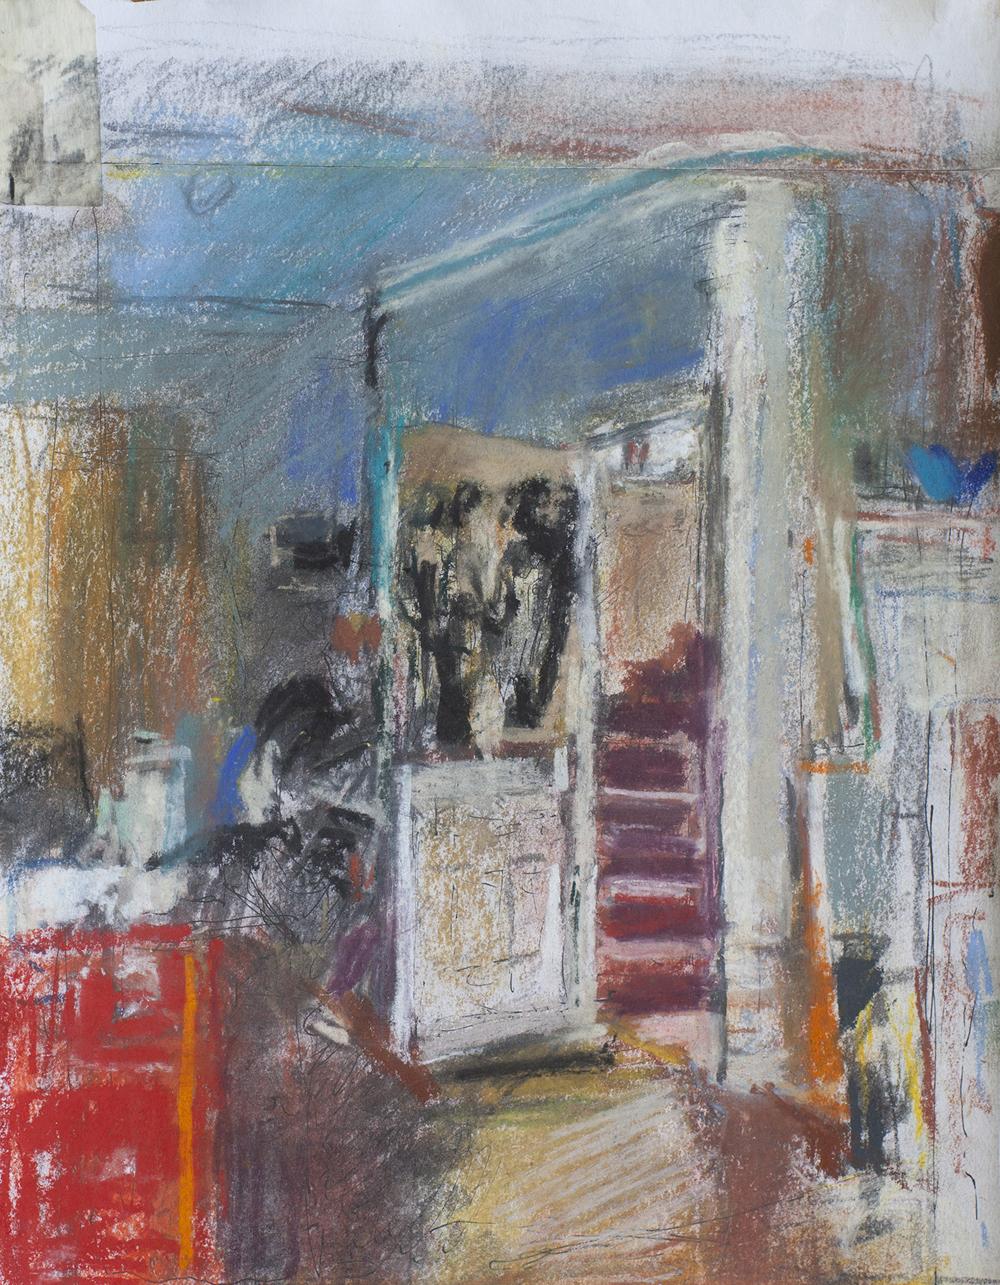 Studio Interior and Stairs